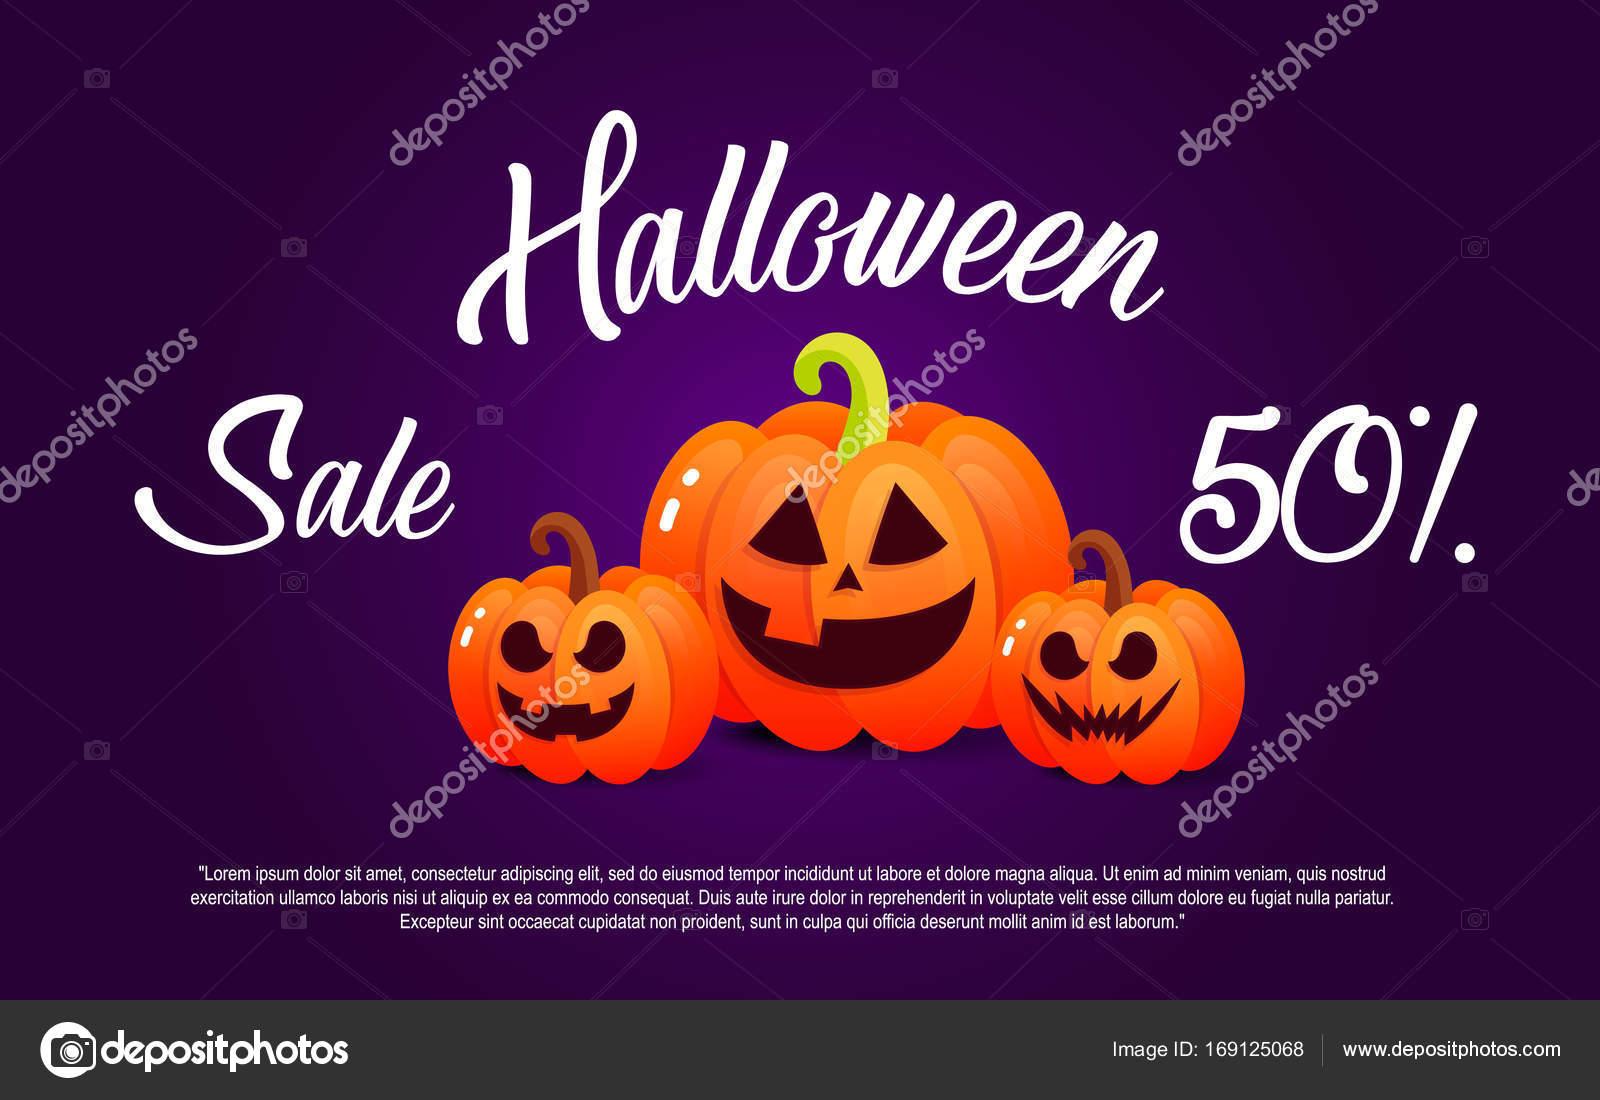 Pompoen En Halloween.Pompoen En Halloween Banier Sale Voor Vakantie